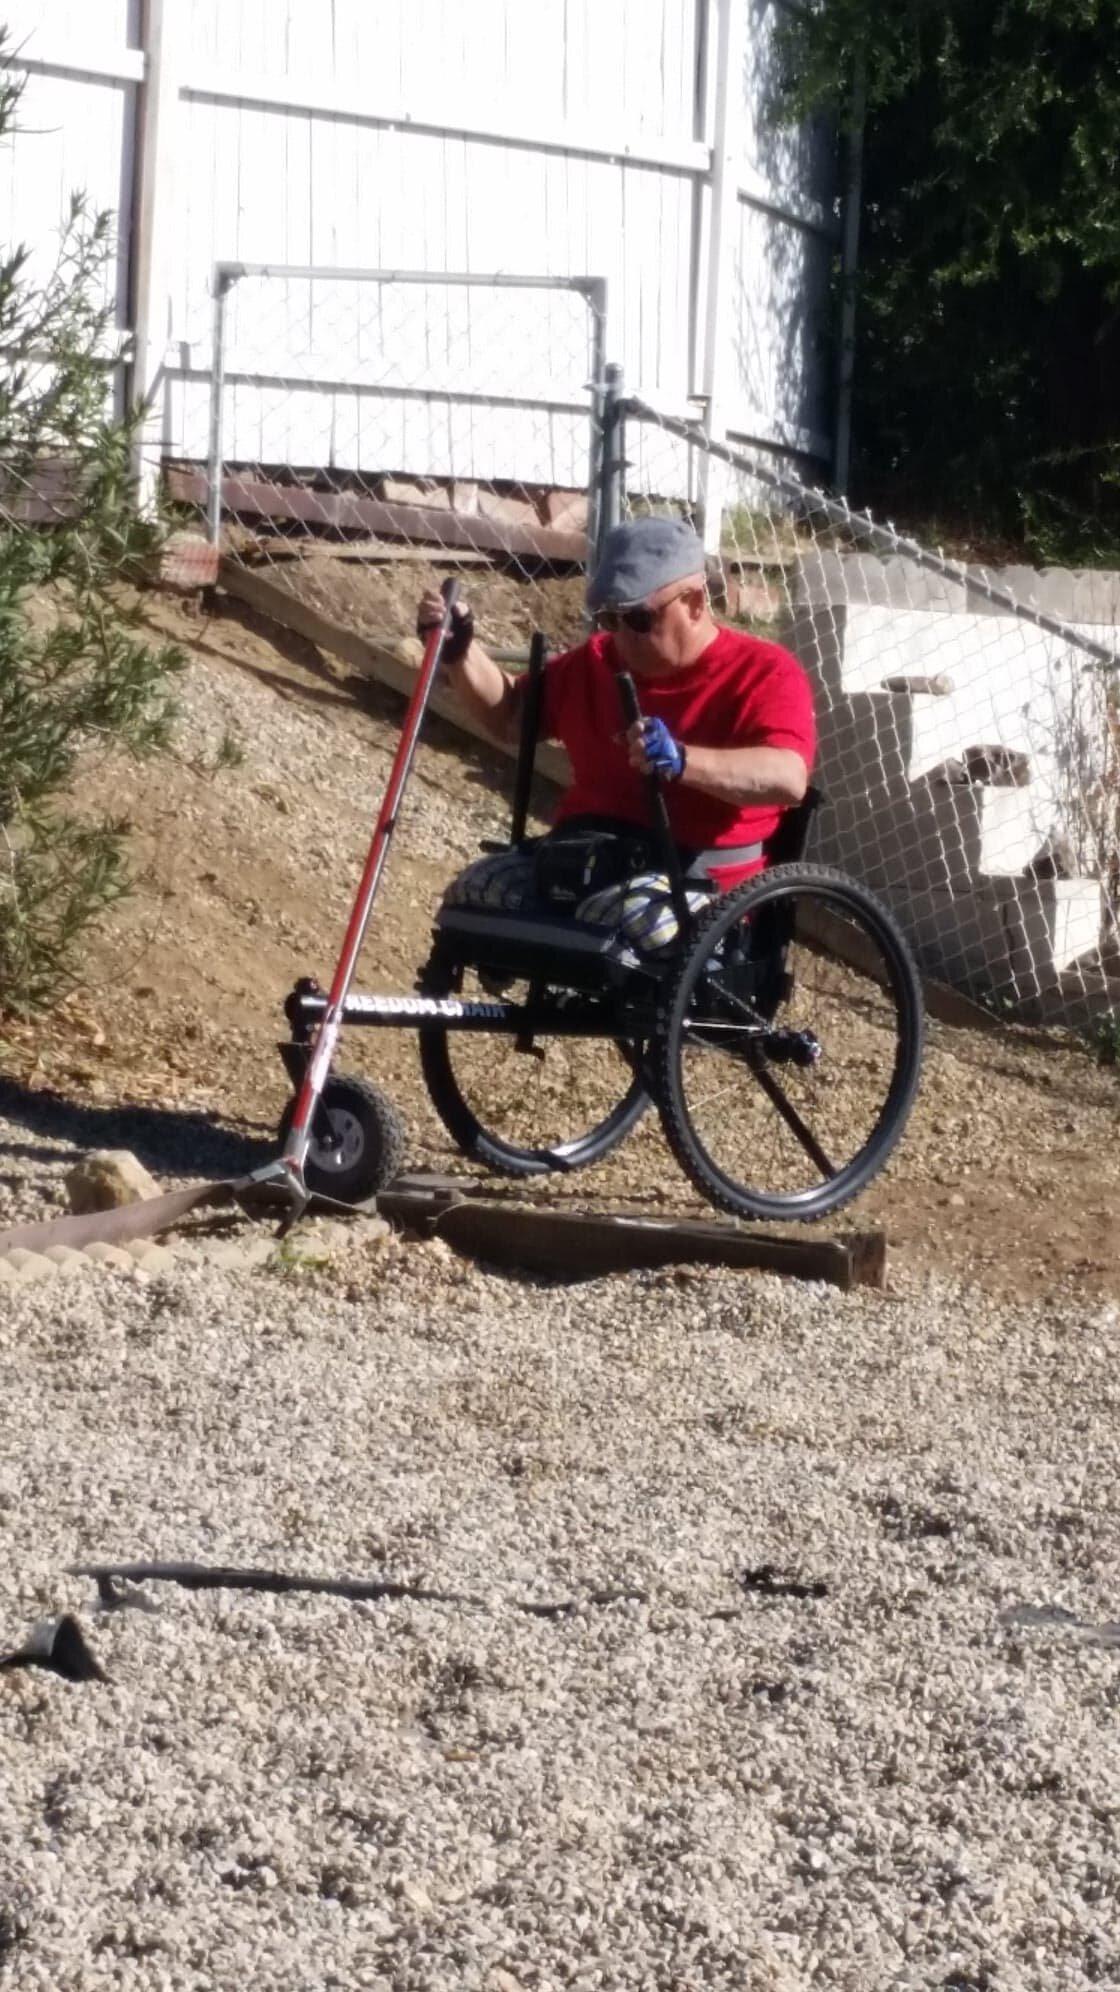 All-terrain-wheelchair-Morris-2.jpg